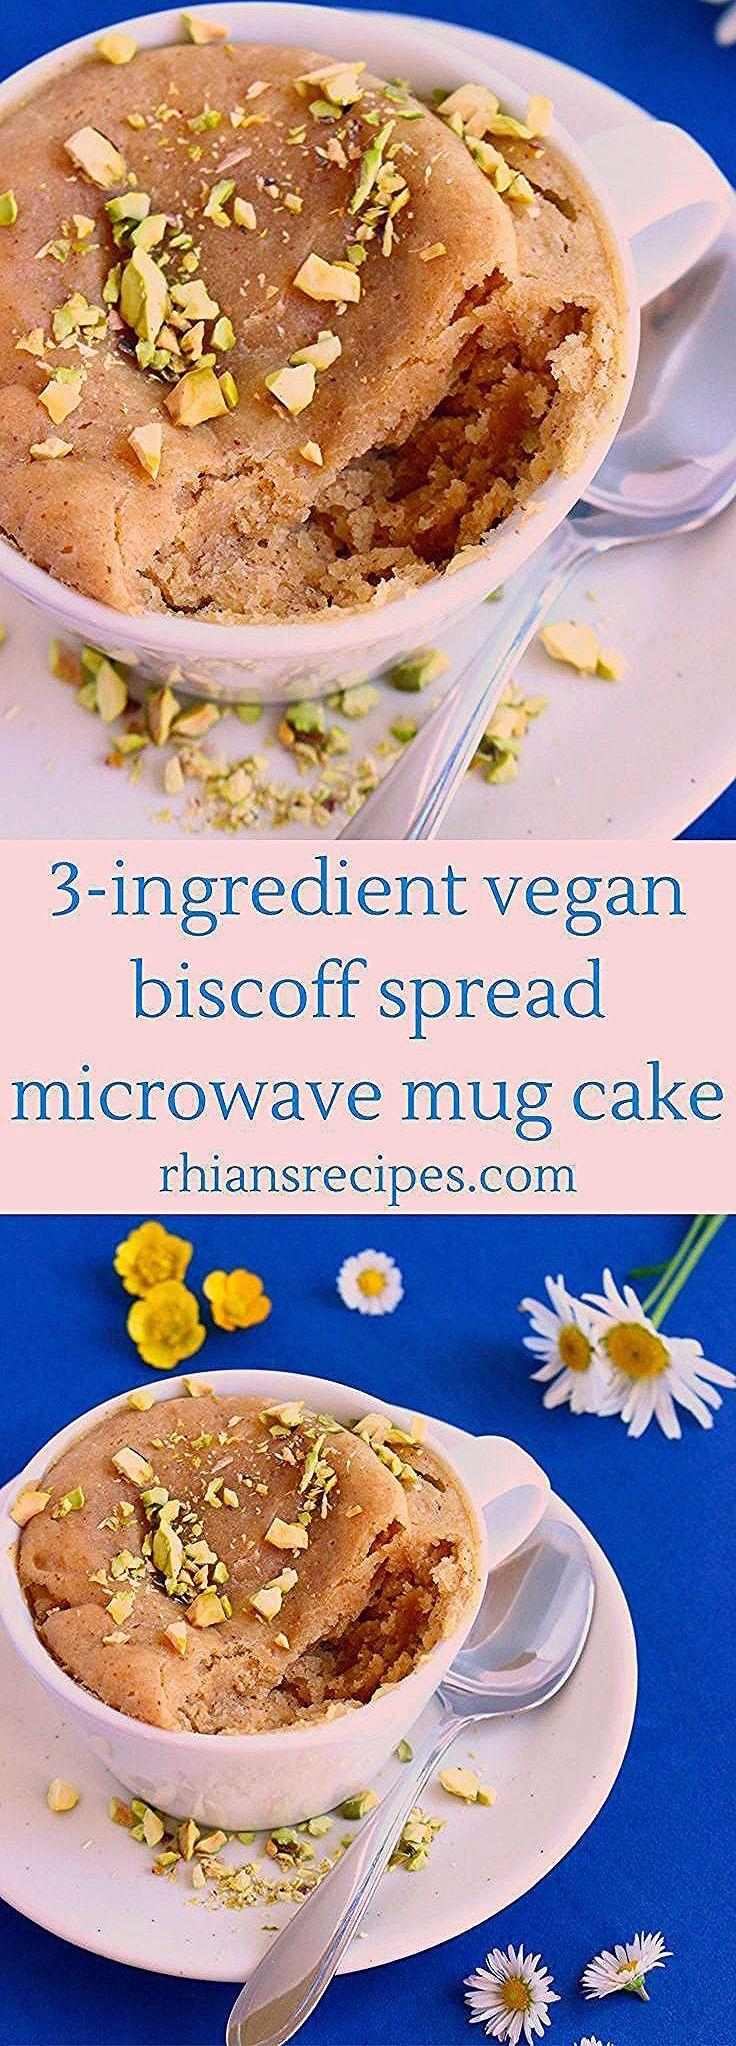 Vegan Cake 3 ingredient vegan mug cake #proteinmugcakes Vegan Cake 3 ingredient vegan mug cake #mug #Cake #proteinmugcakes Vegan Cake 3 ingredient vegan mug cake #proteinmugcakes Vegan Cake 3 ingredient vegan mug cake #mug #Cake #proteinmugcakes